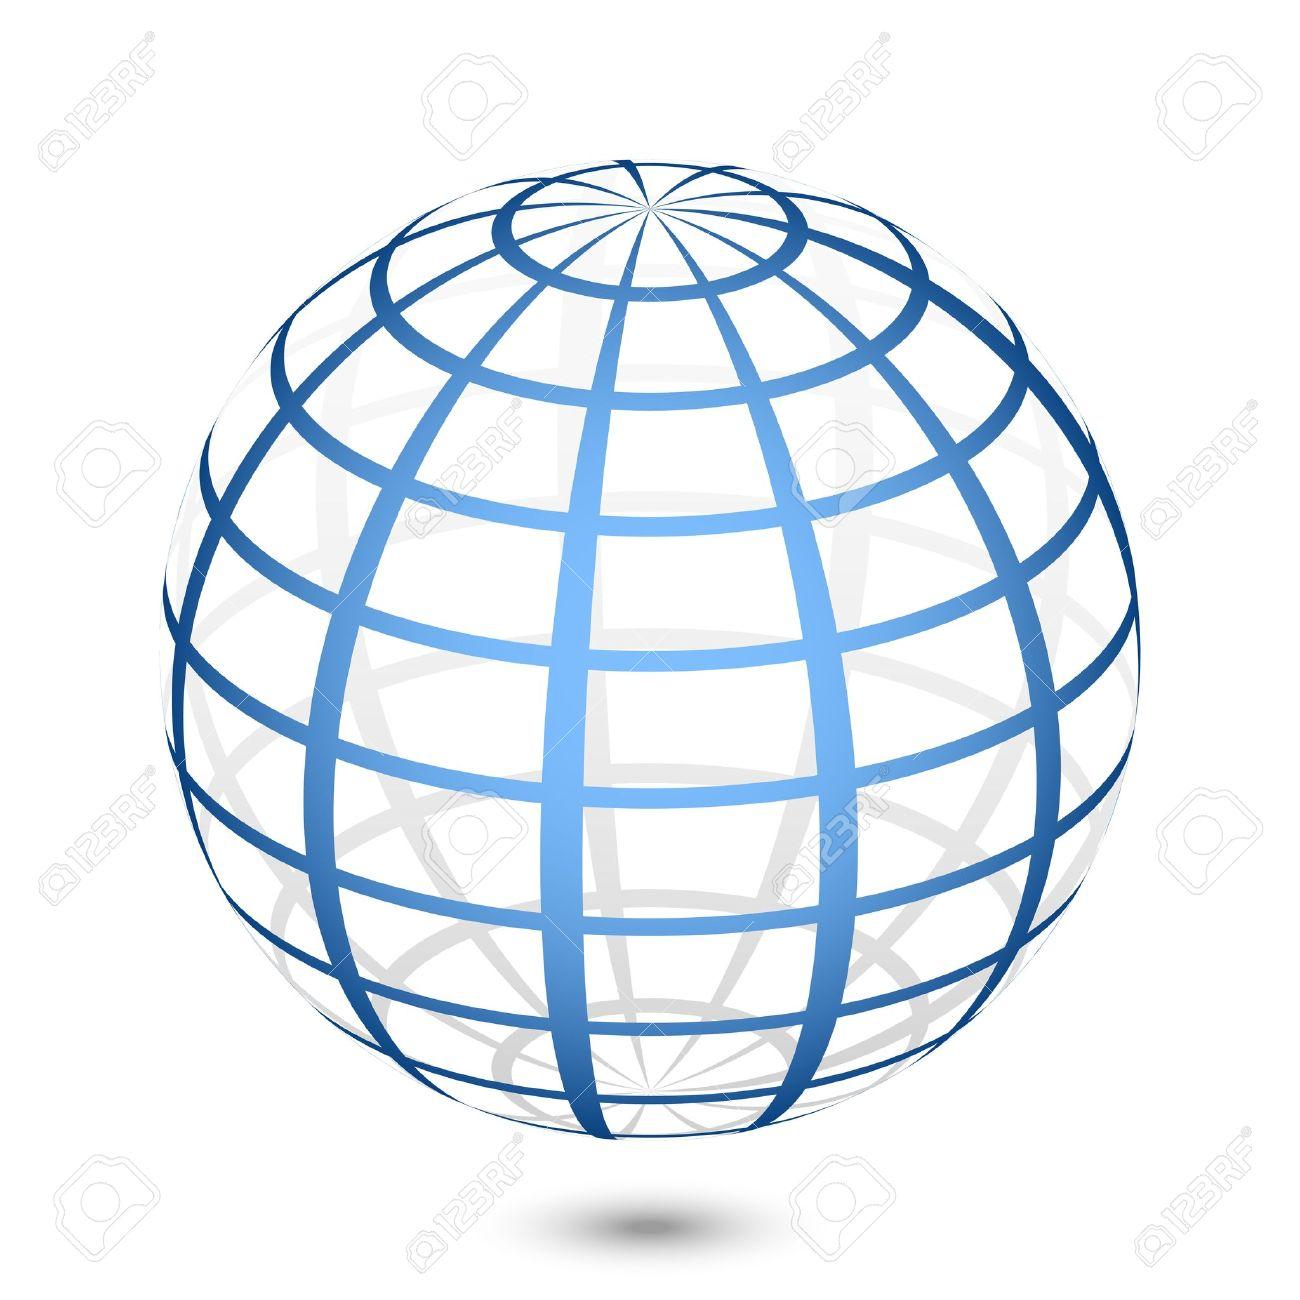 globe icon - 19749651